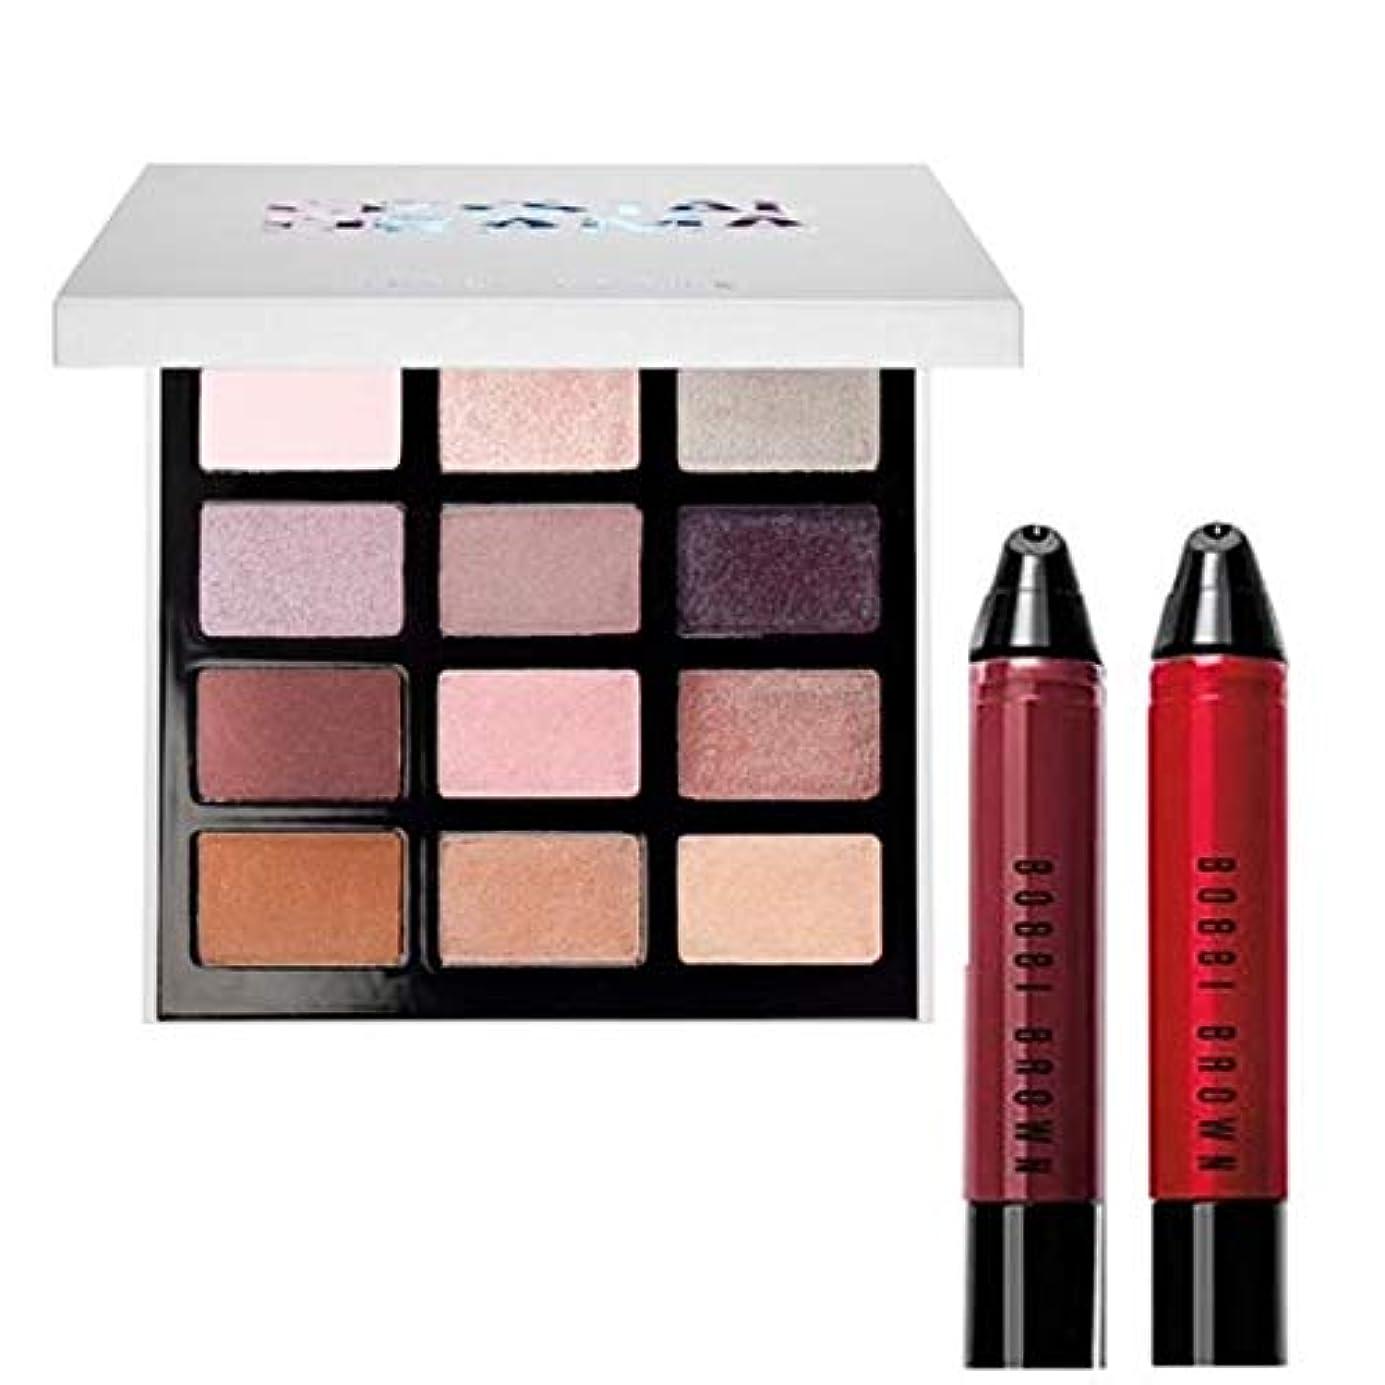 大騒ぎ現代のマリナーBobbi Brown 限定版,Crystal Drama Eyeshadow Palette & Lip Art Mini Art Stick Liquid Lip 2Set [海外直送品] [並行輸入品]